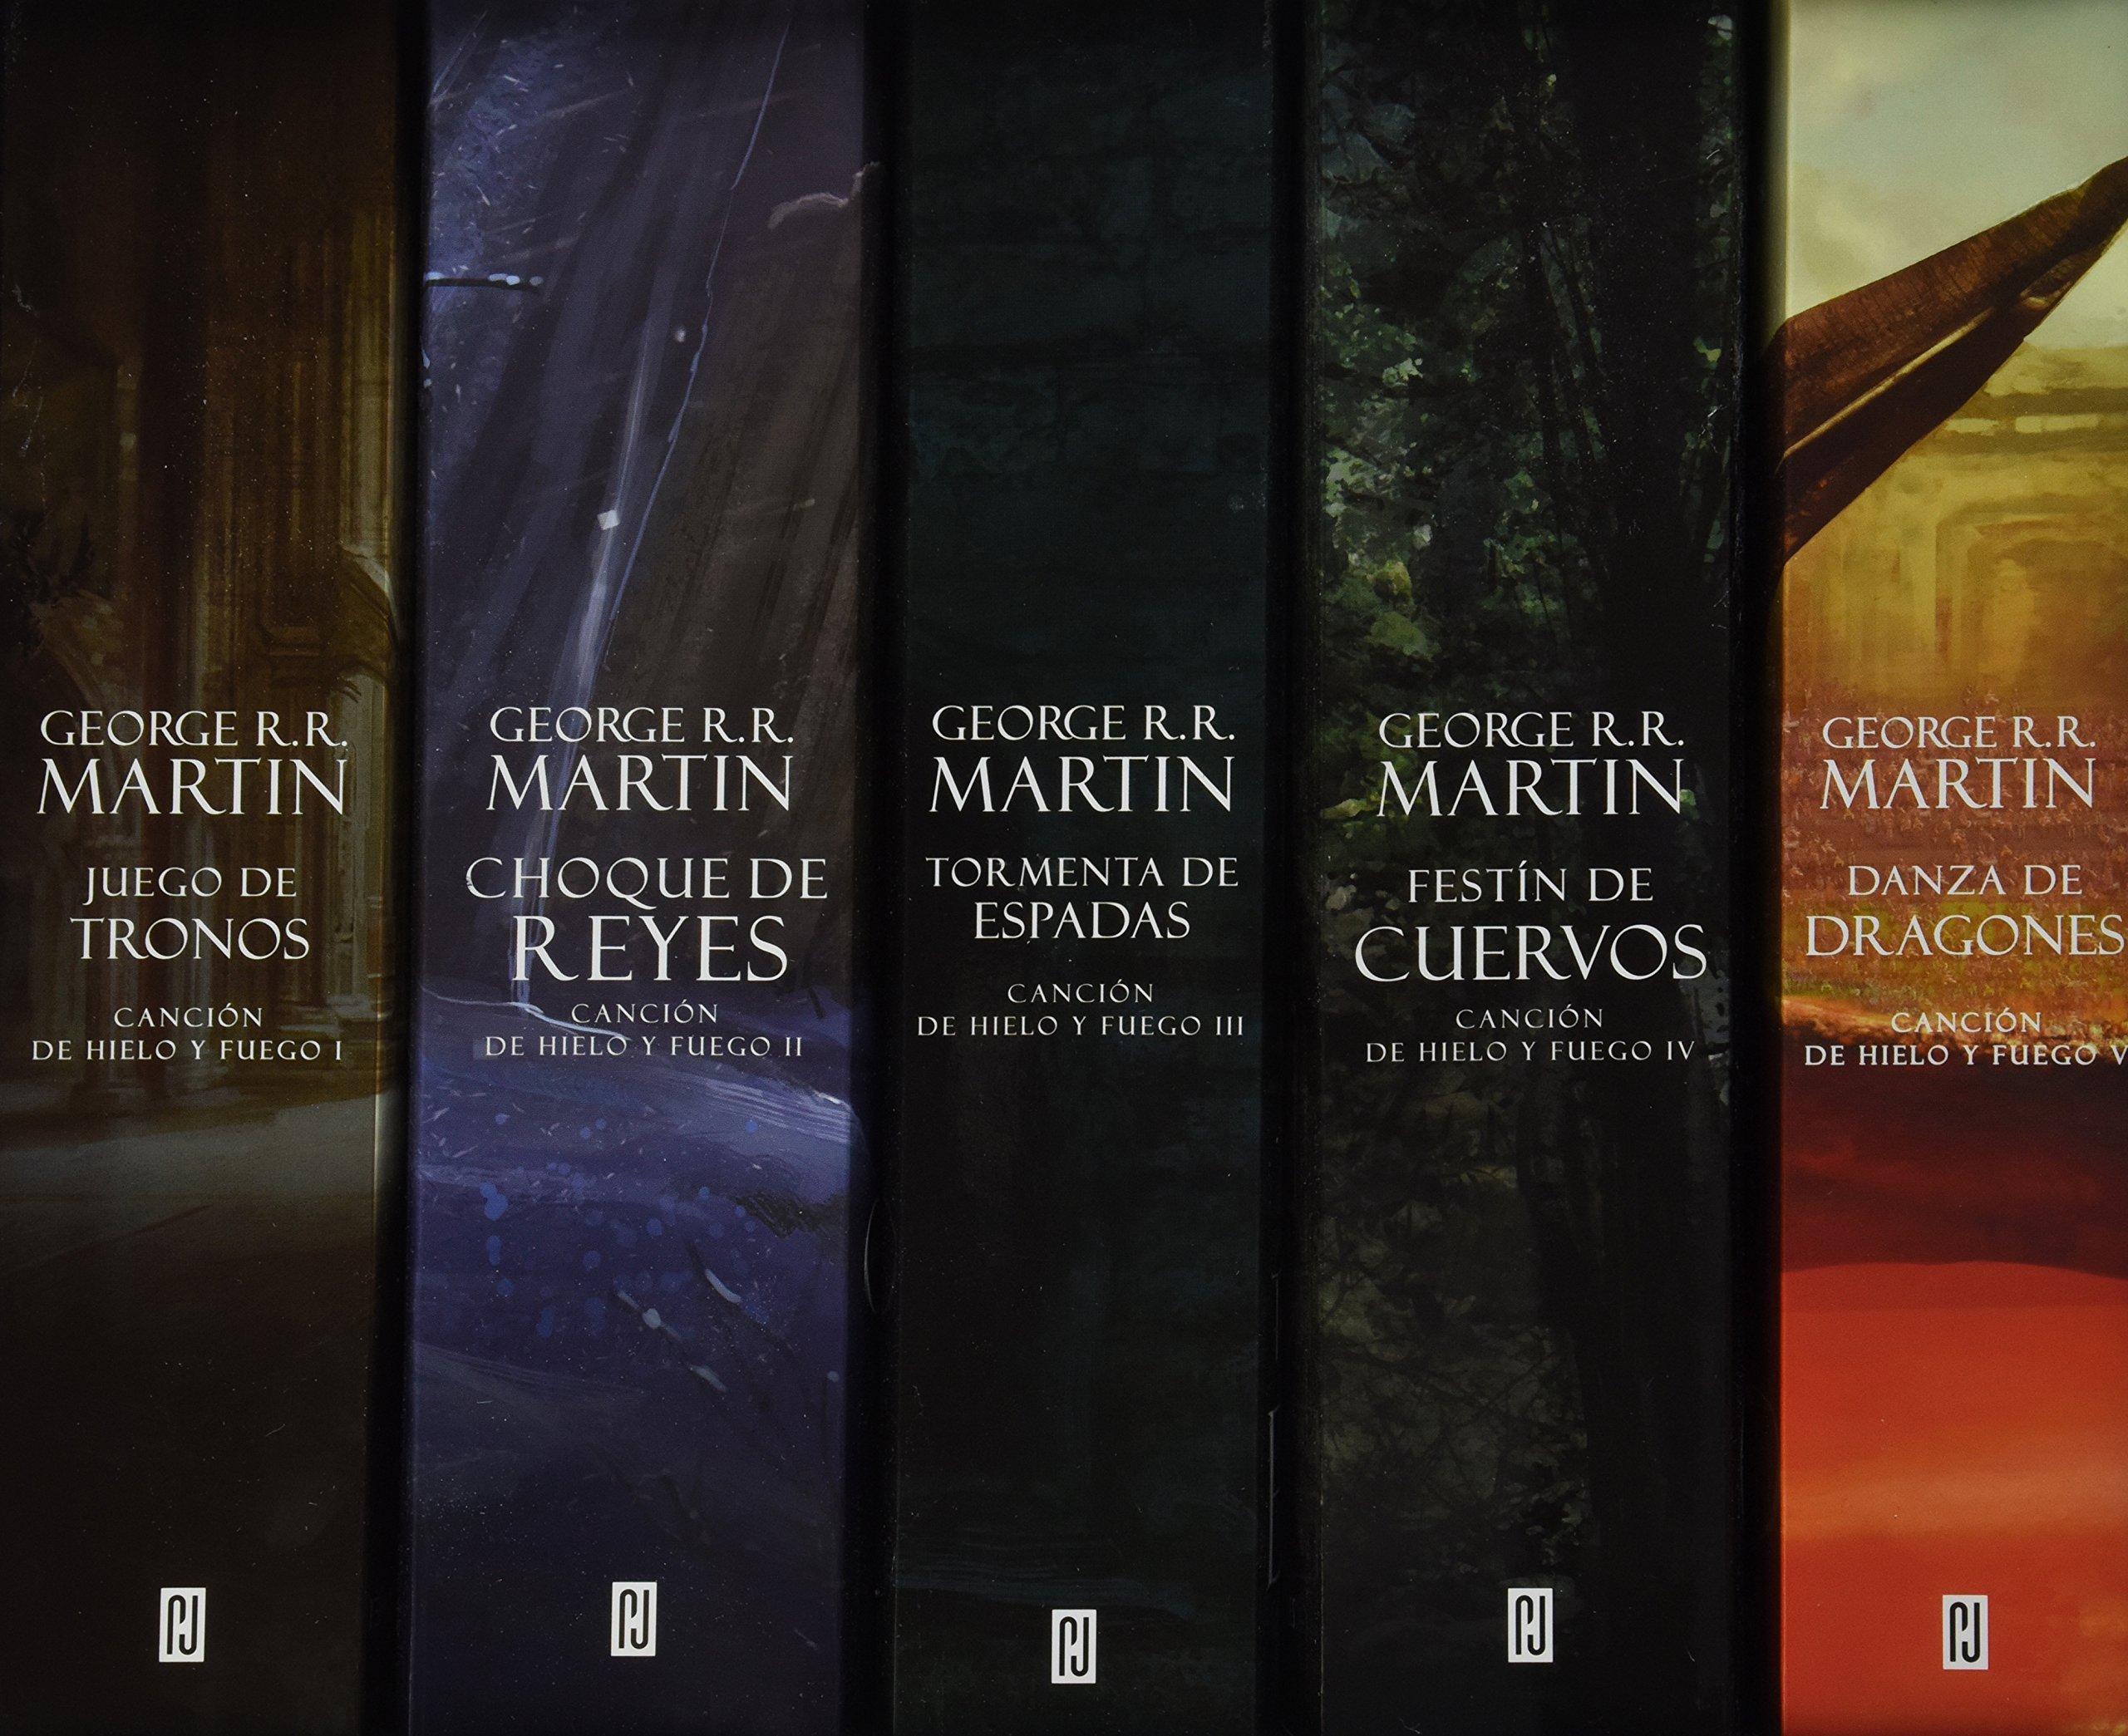 Paquete Juego de Tronos 5 Tomos: George R. R. Martin: Amazon.com.mx ...